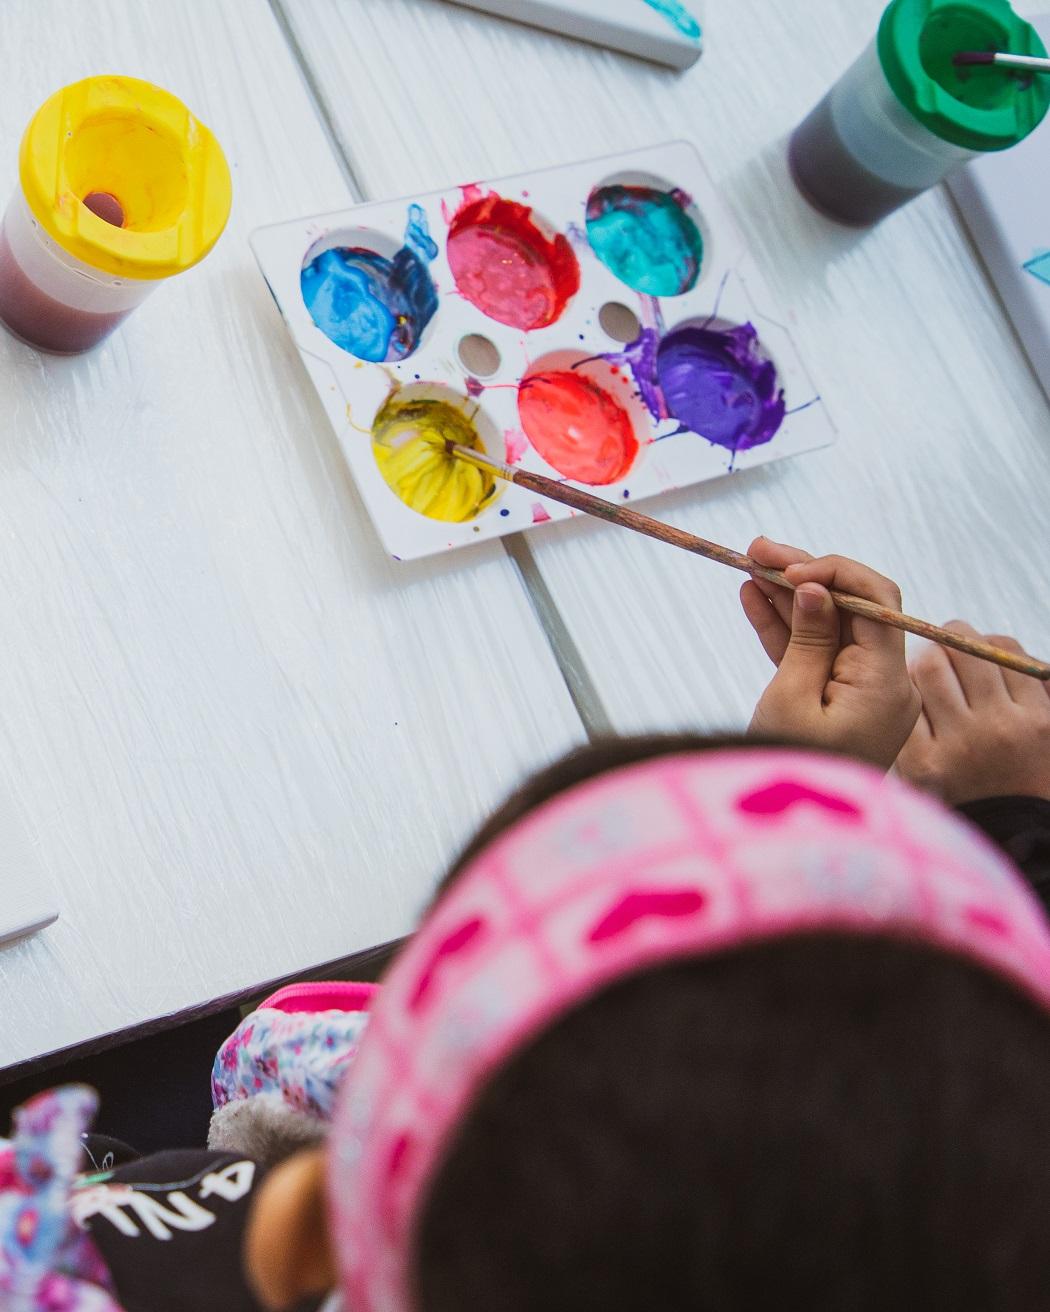 إعمار تنظم فعاليات ترفيهية للأطفال طوال شهر مارس 2019